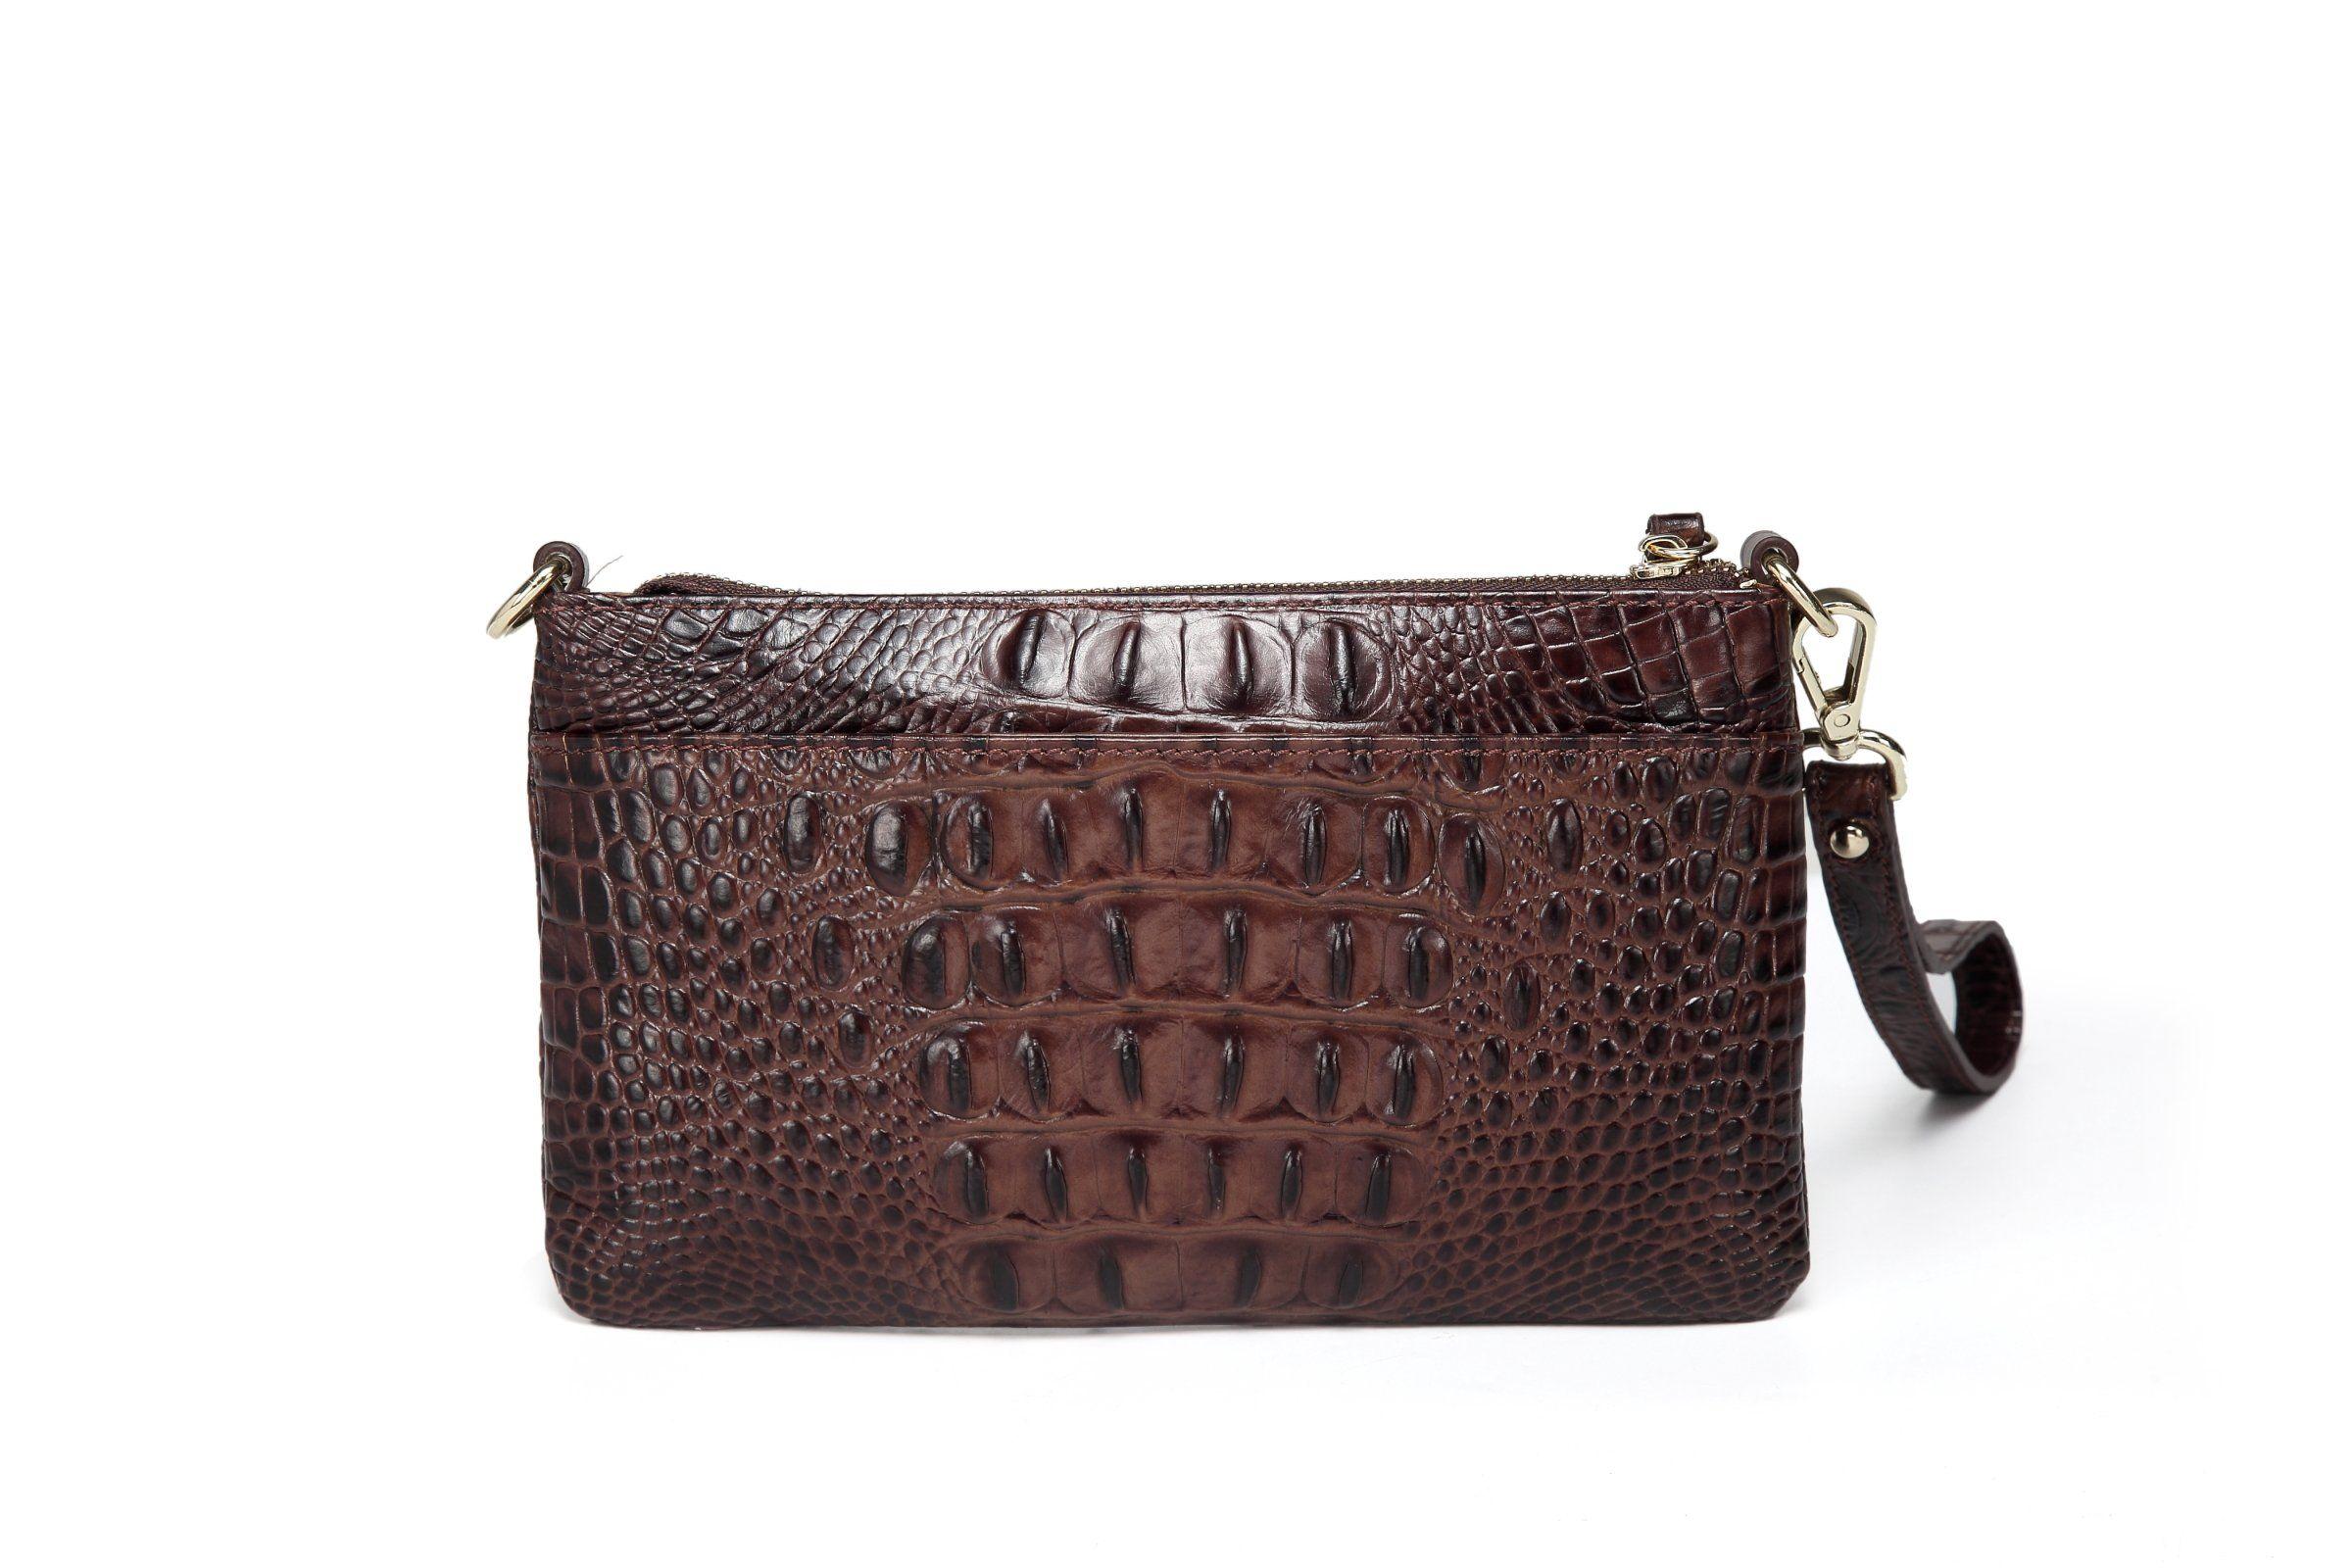 27ef97523500d Daci Croc Leather Crossbody/Clutch - Brown | Products | Crossbody ...